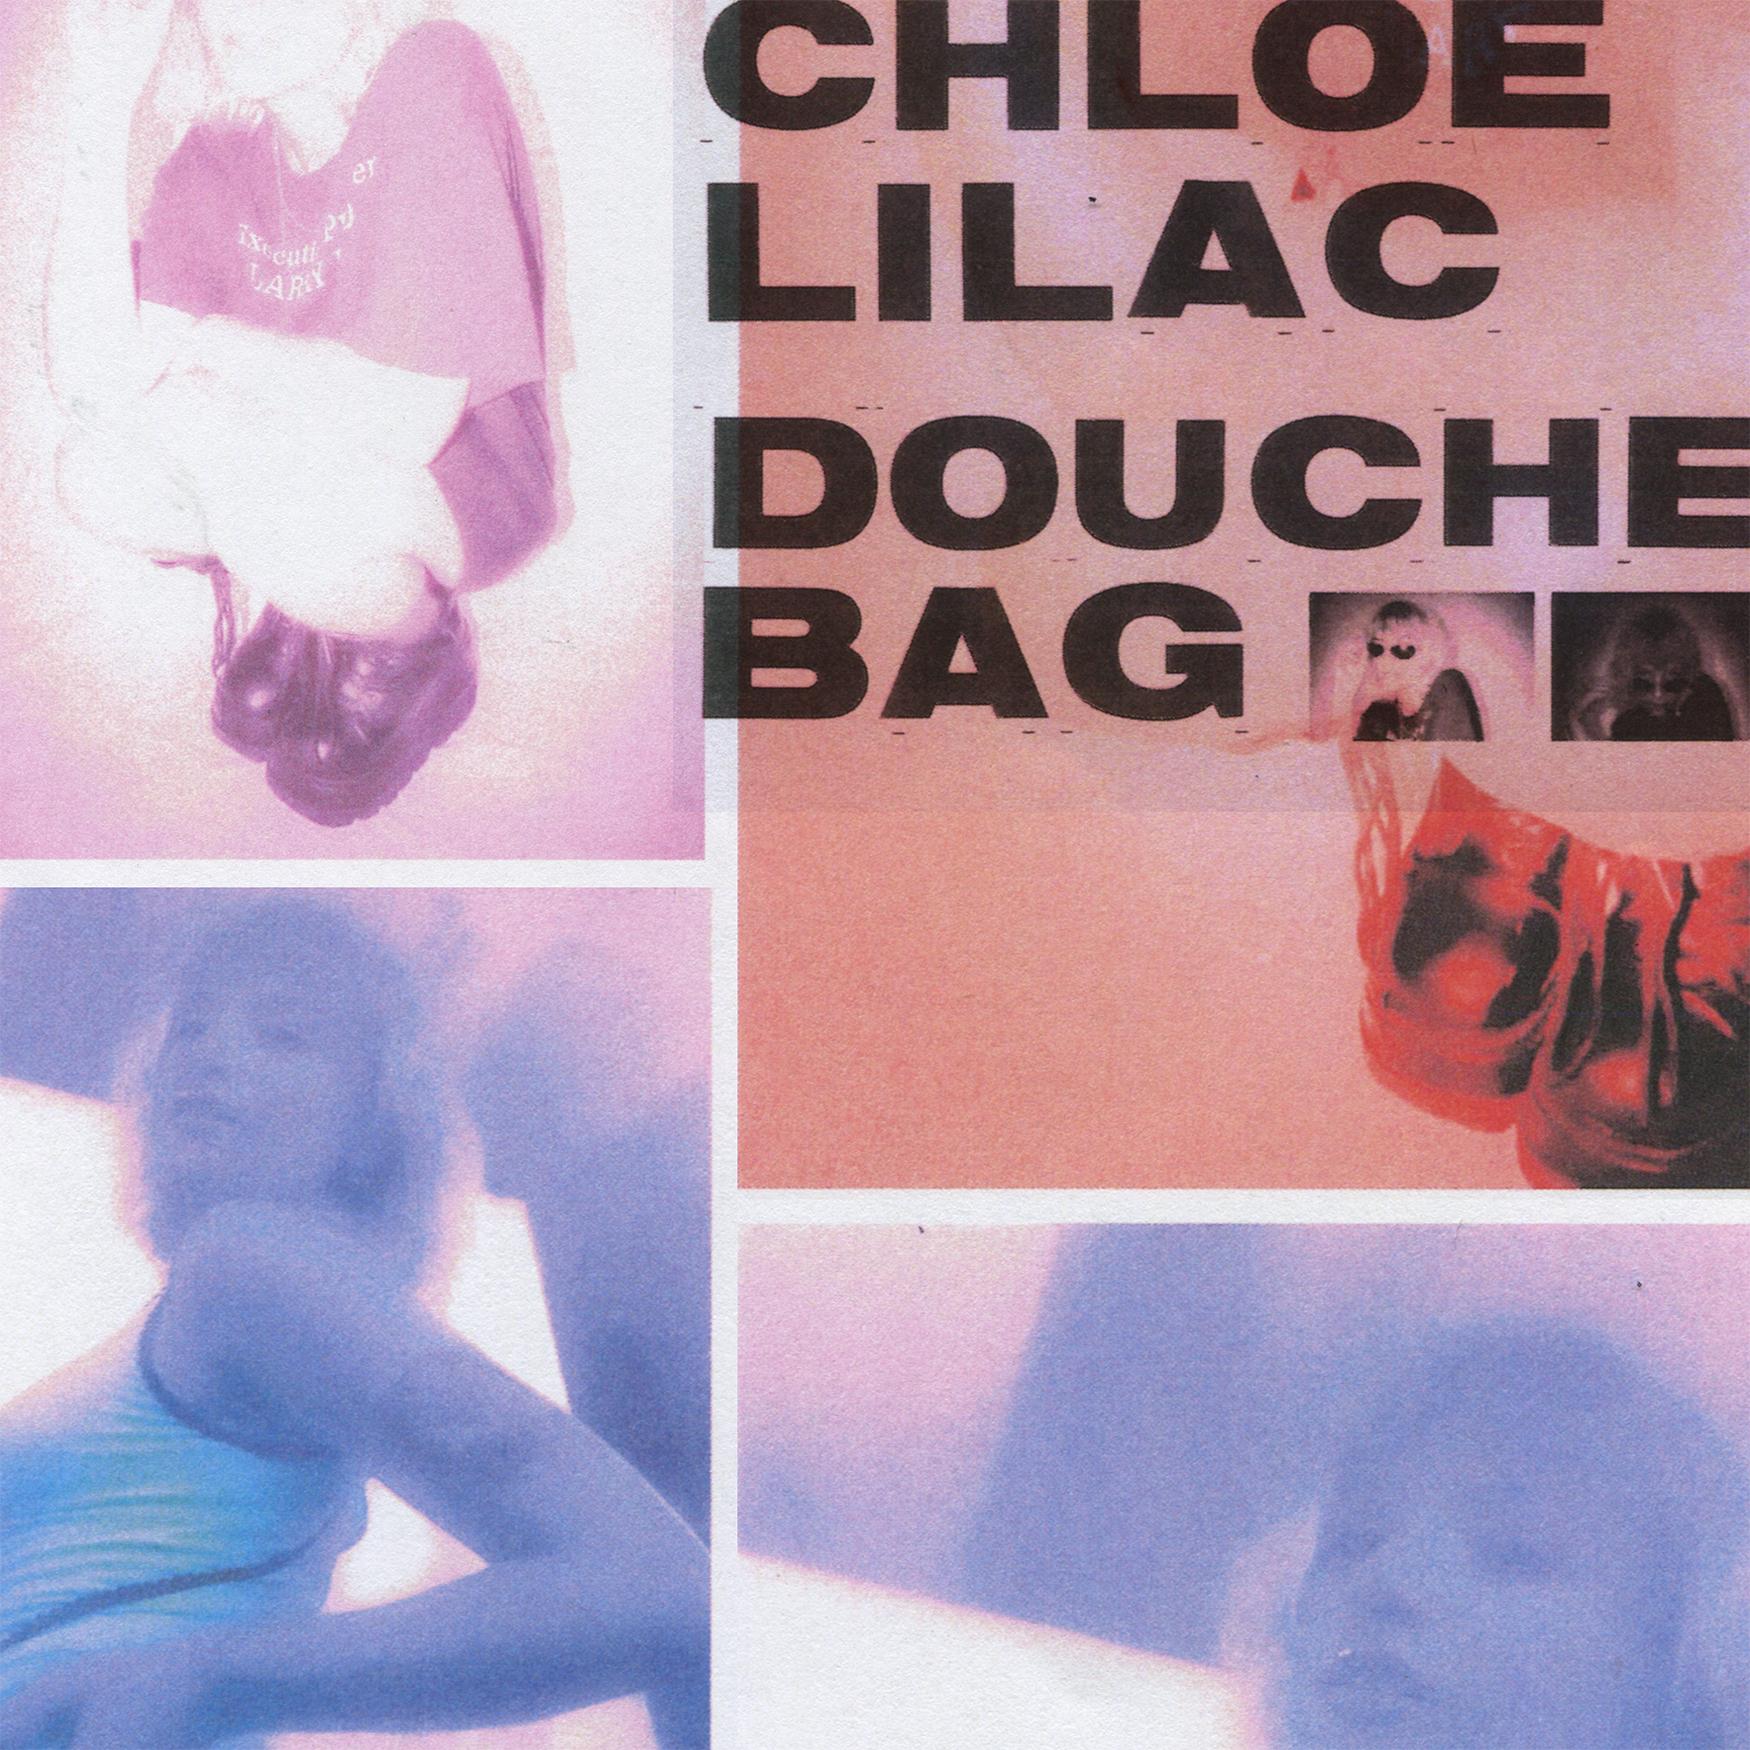 Chloe_Lilac_DoucheBag_M1_5x5_300dpi_RGB